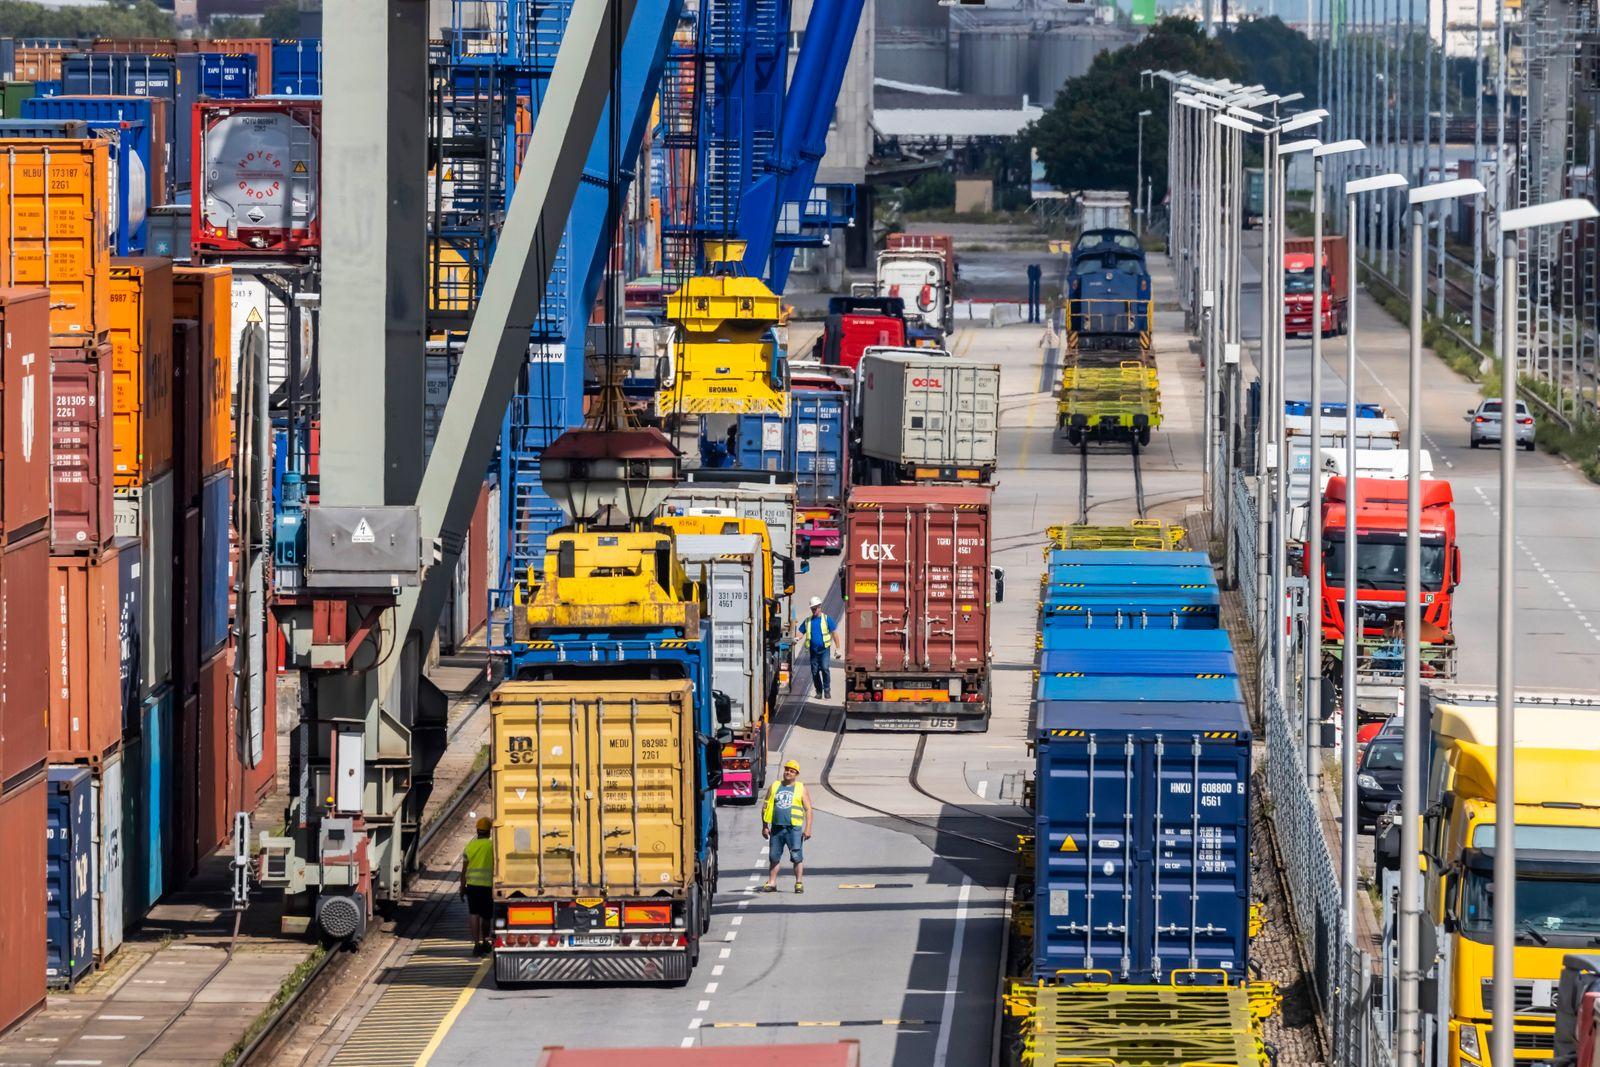 Der Mannheimer Hafen ist der viertgrößte Binnenhafen Deutschlands und mit seinem Containerterminal einer der bedeutends